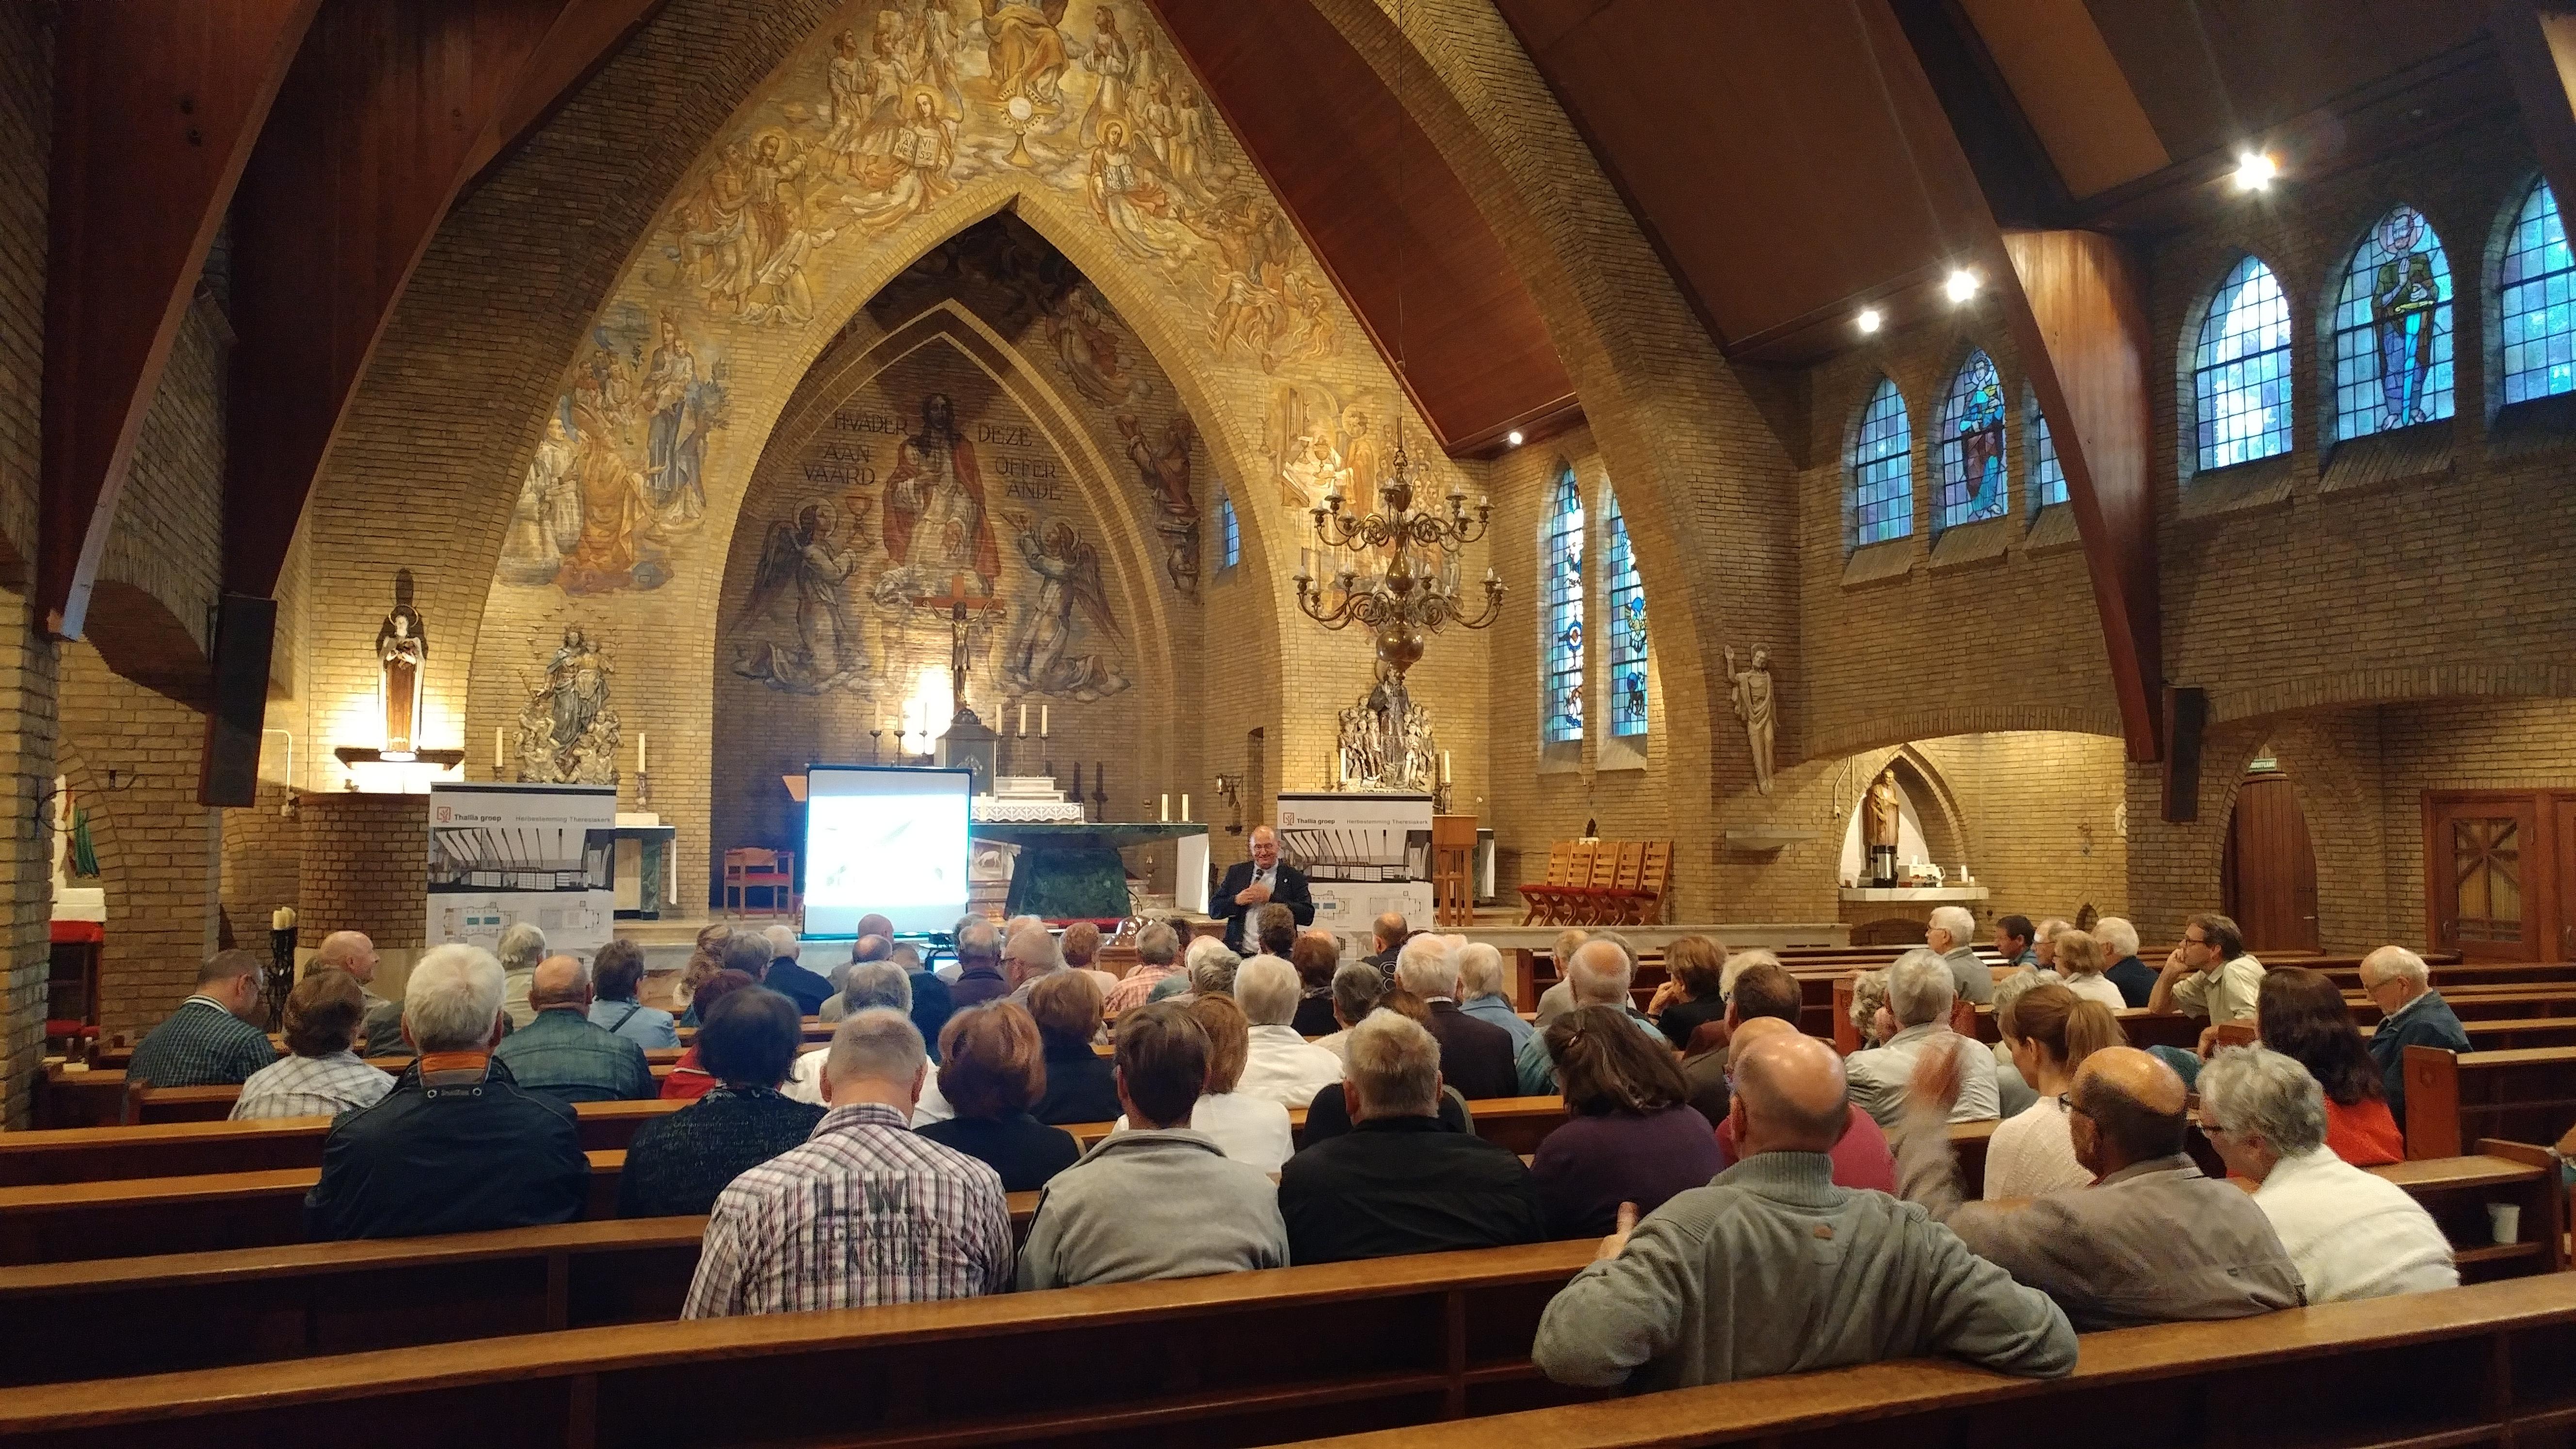 informatieavond Kerkgebouw Landgraaf - BEELEN CS architecten Eindhoven / Thalliagroep Weert